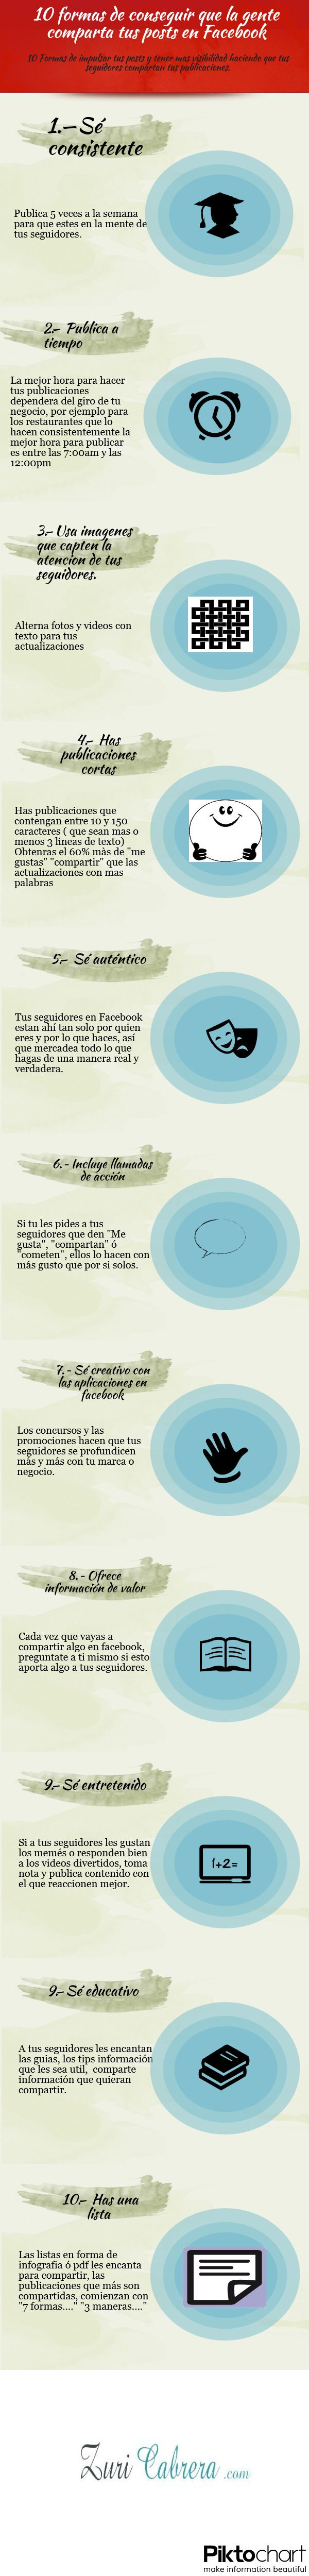 10 formas de que compartan tus posts de FaceBook #infografia